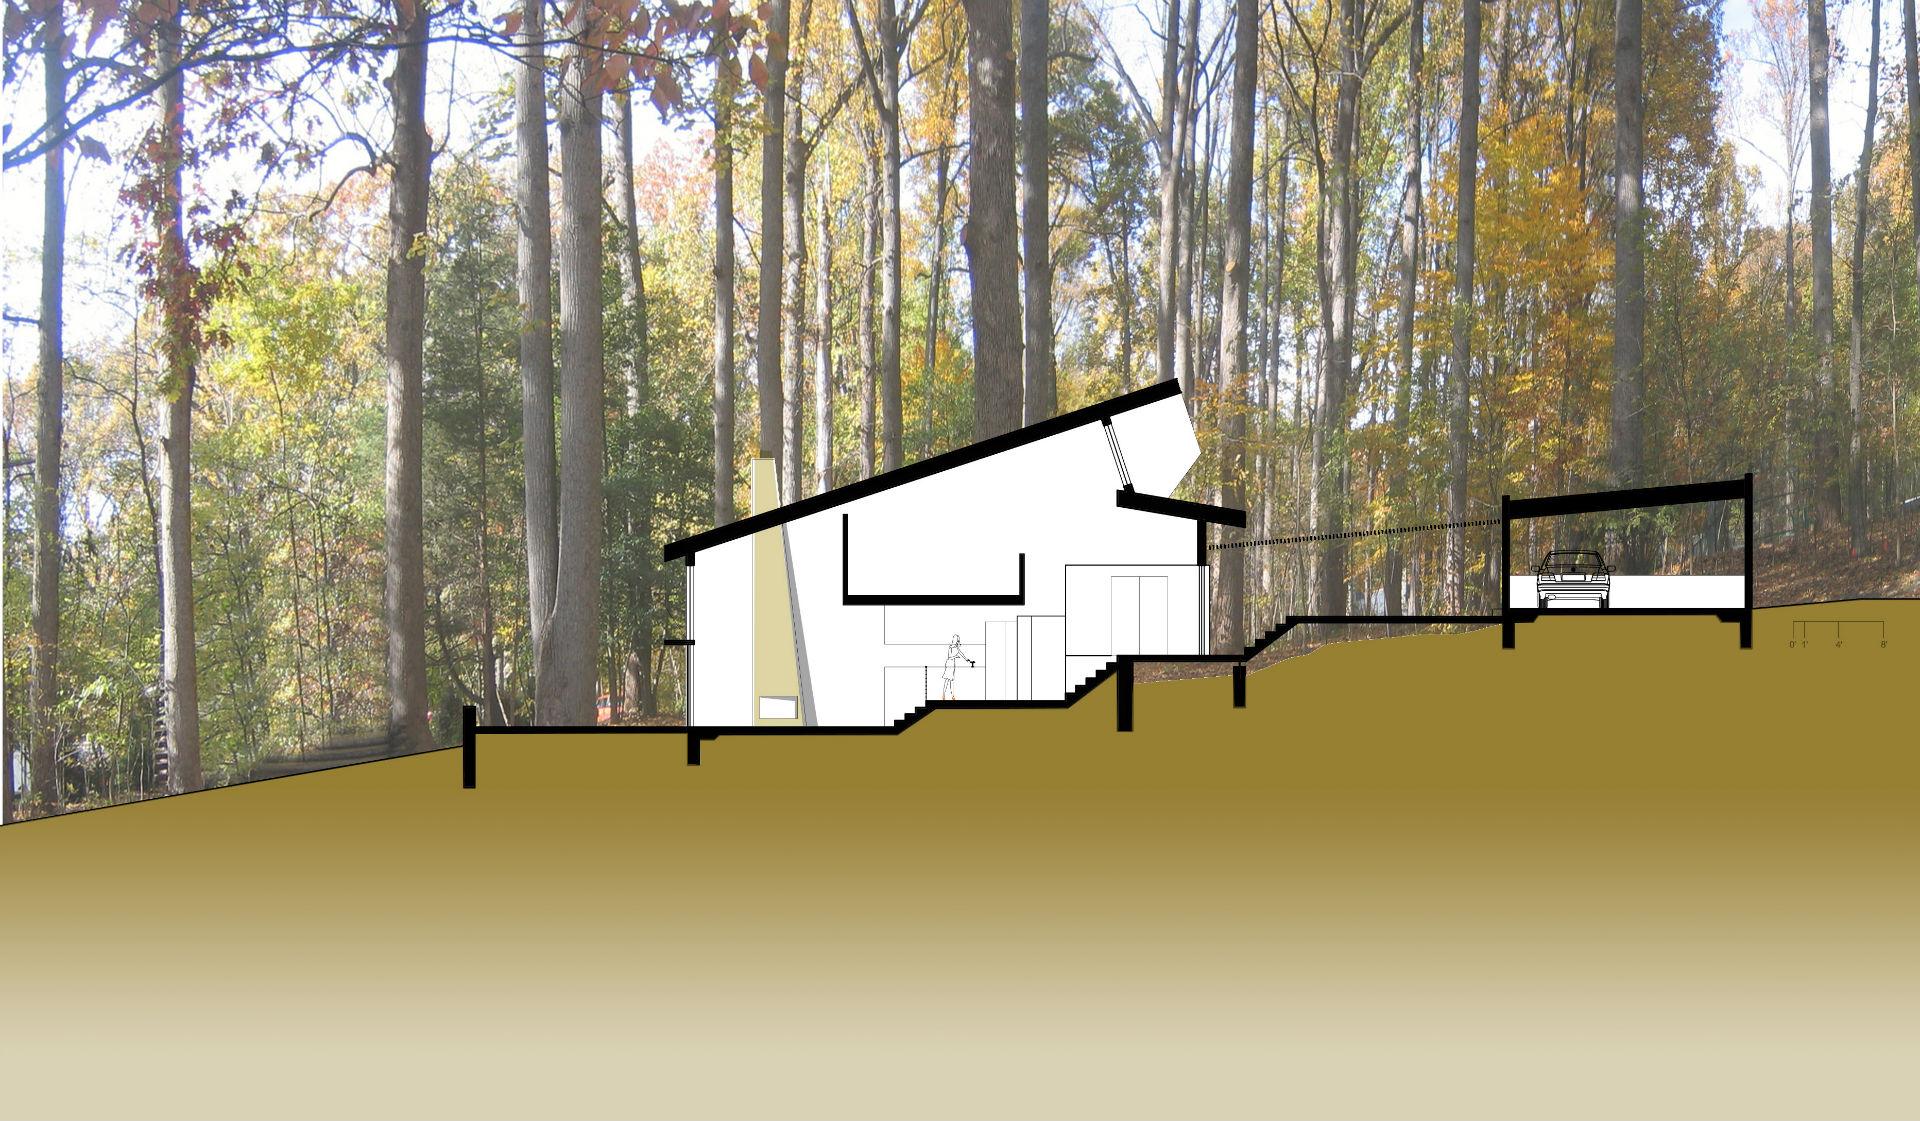 potomac_hillside_house_04.jpg